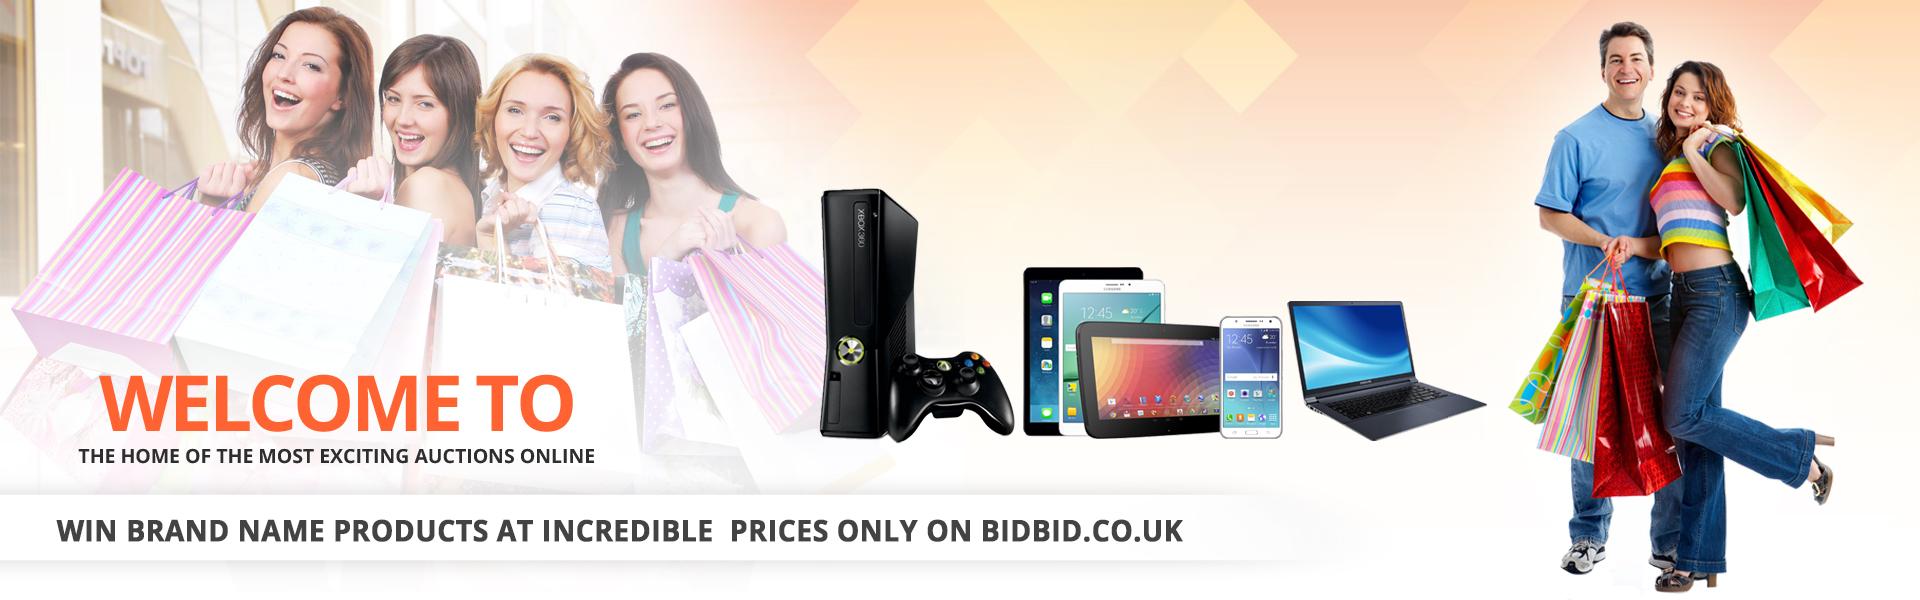 bidbid.co.uk